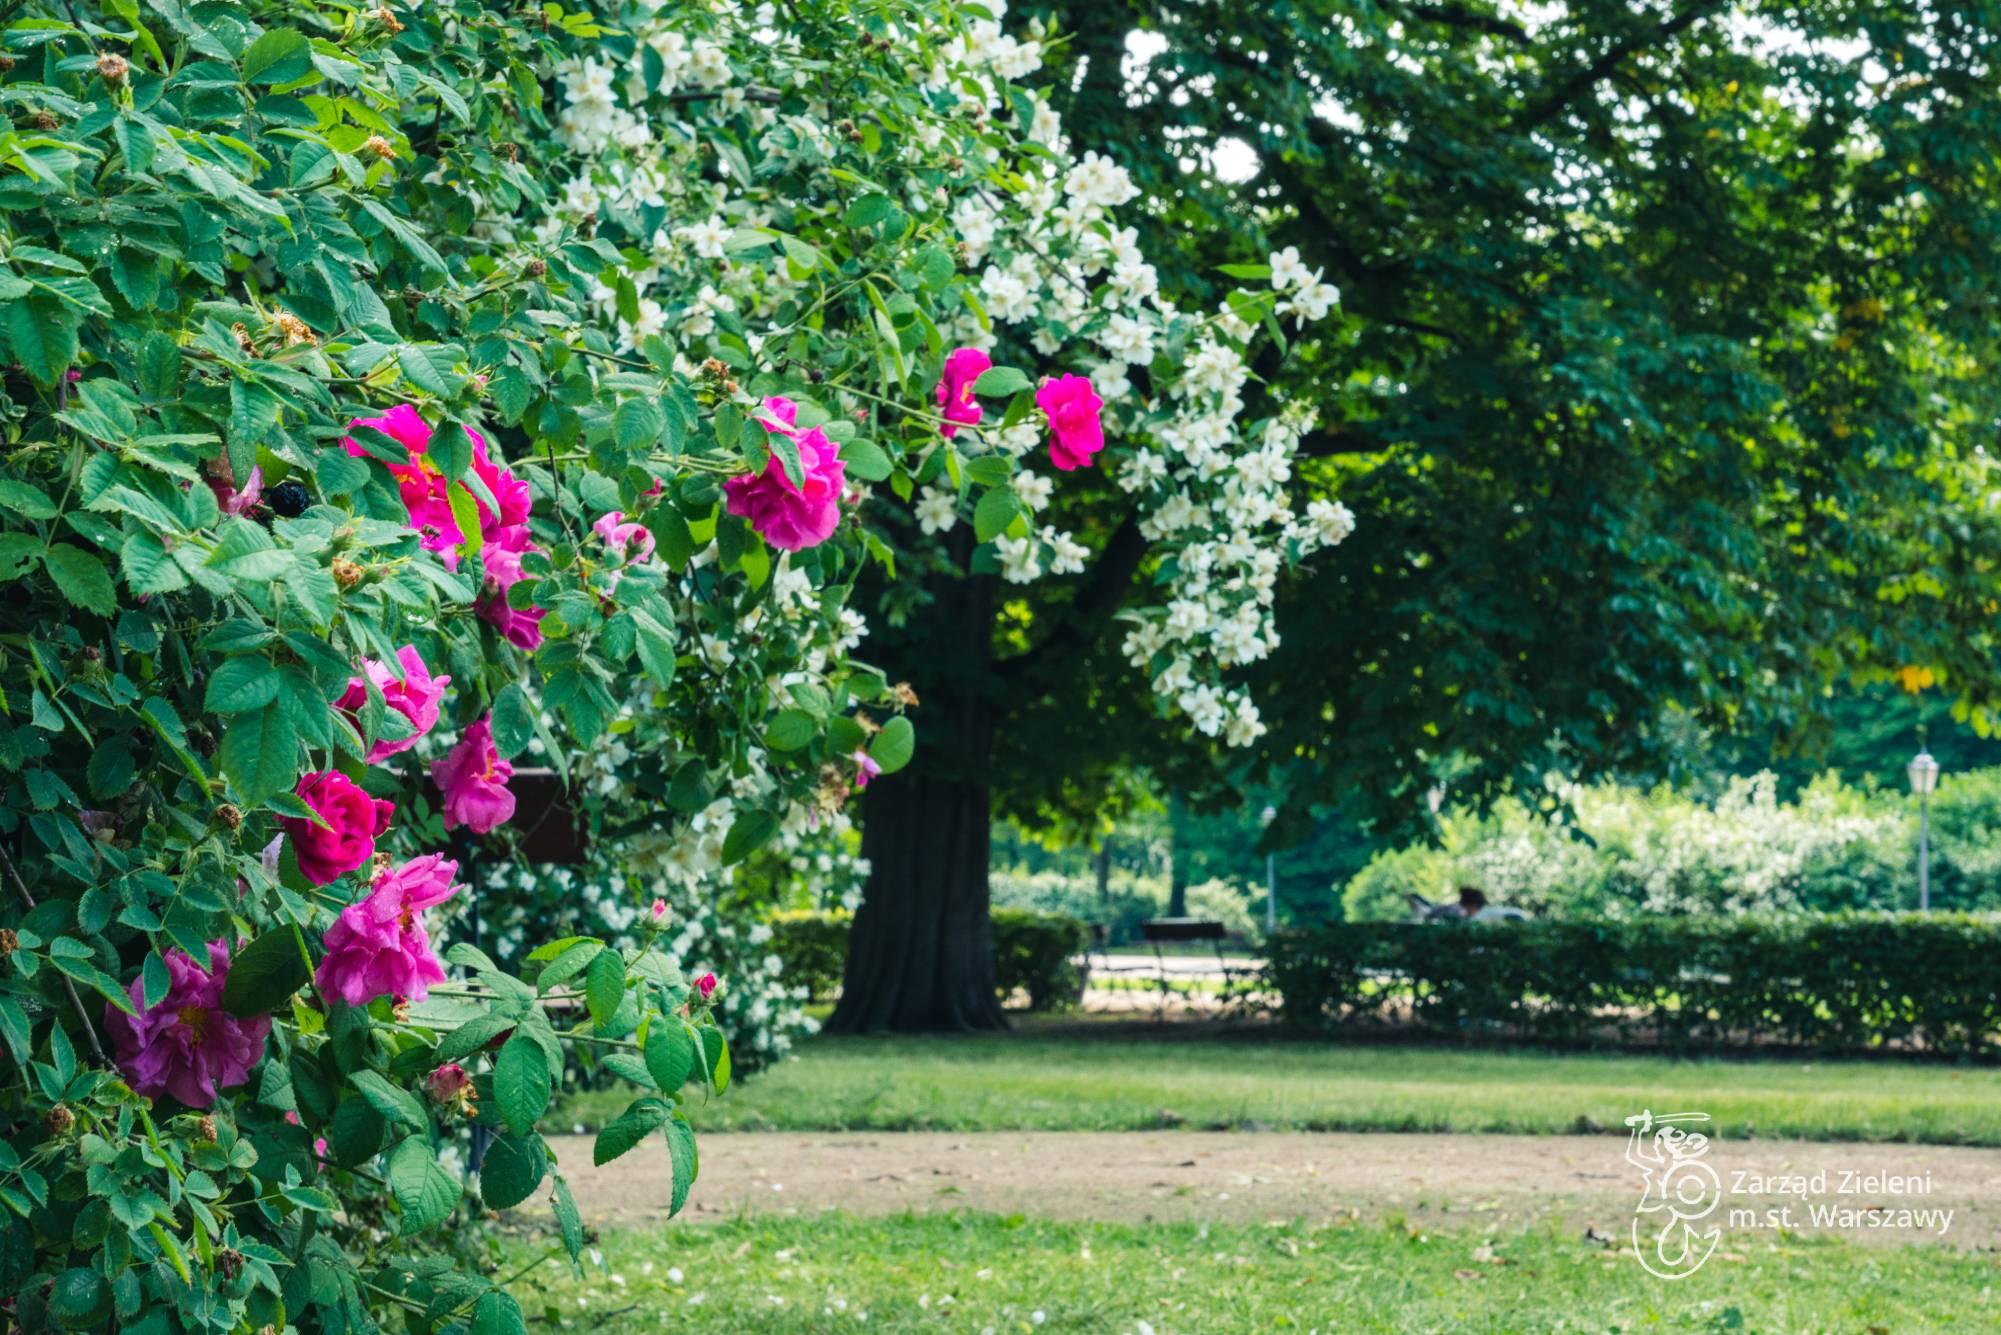 Róże francuskie w Ogrodzie Krasińskich, w tle jaśminowiec wonny